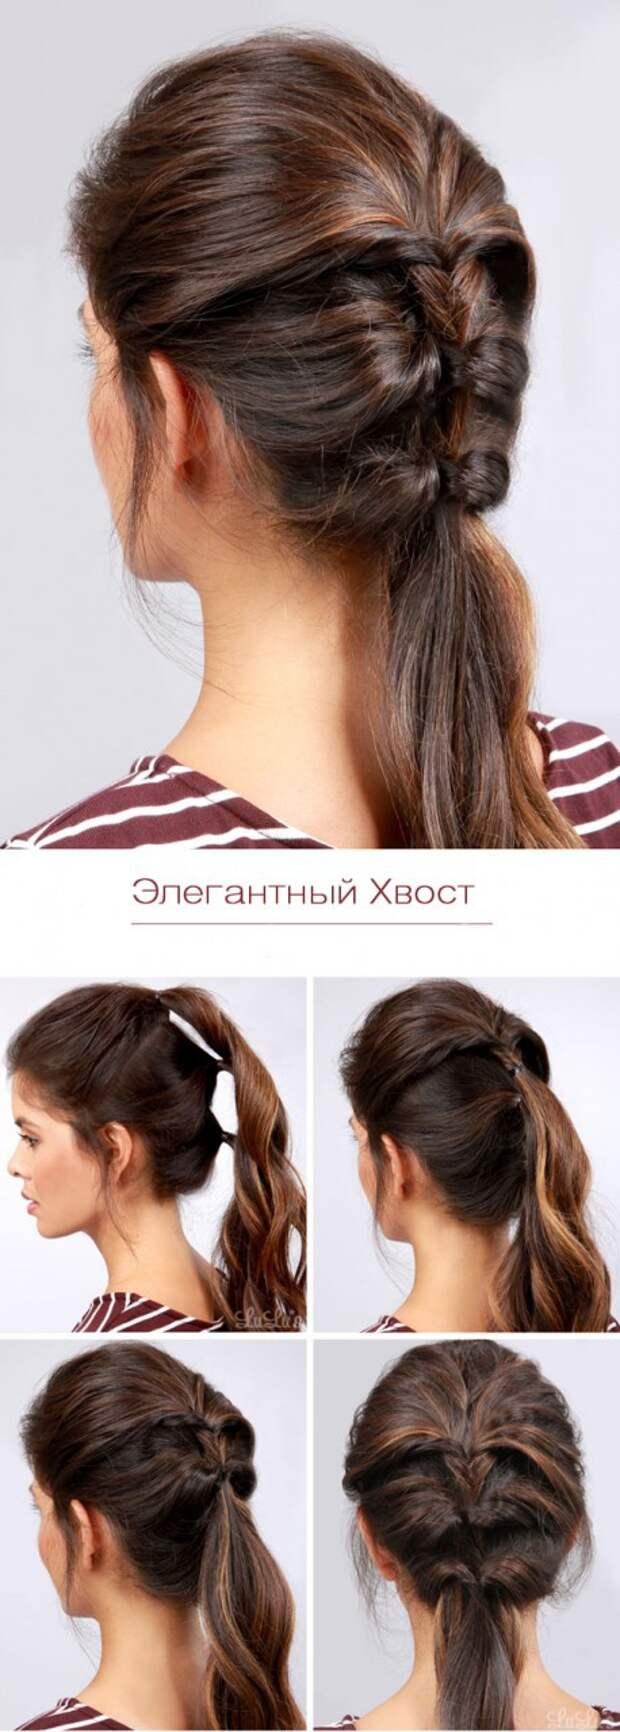 Красивая причёска своими руками (Diy)